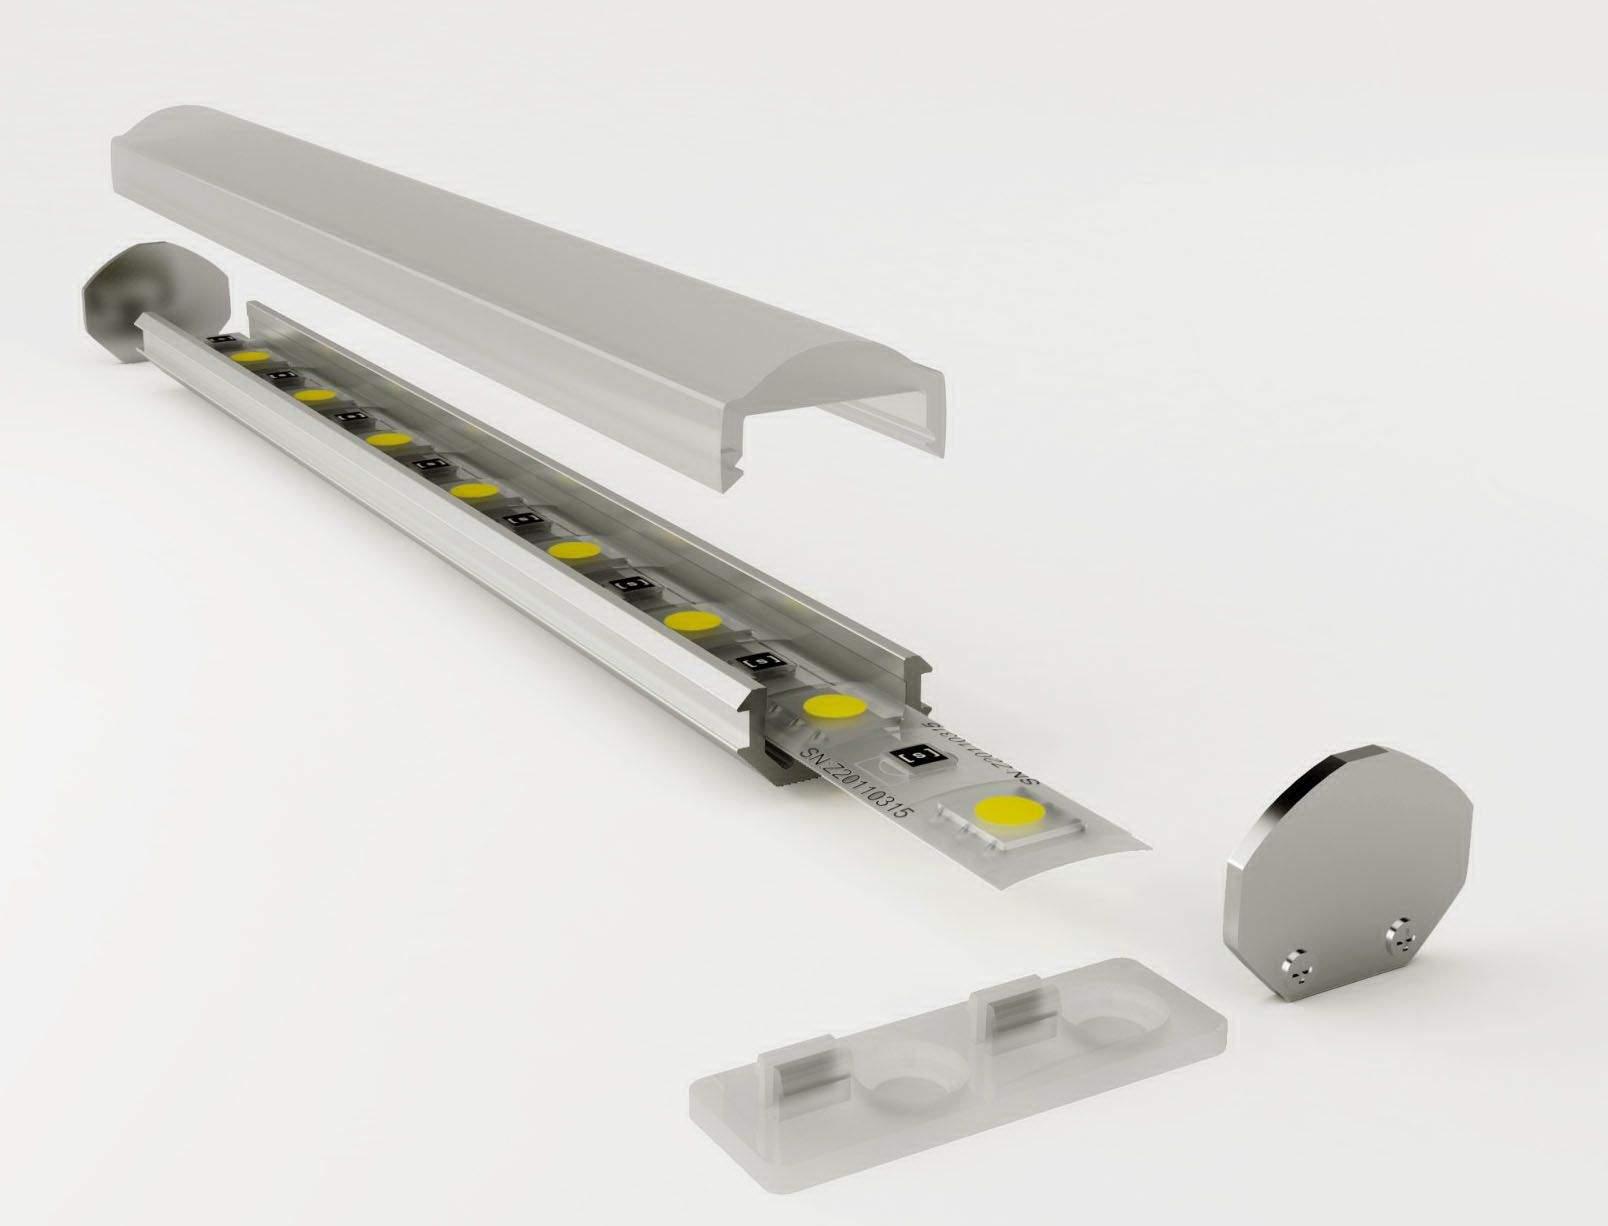 Алюминиевый профиль Алюминиевый профиль LUZ NEGRA Torino 2m серебряный